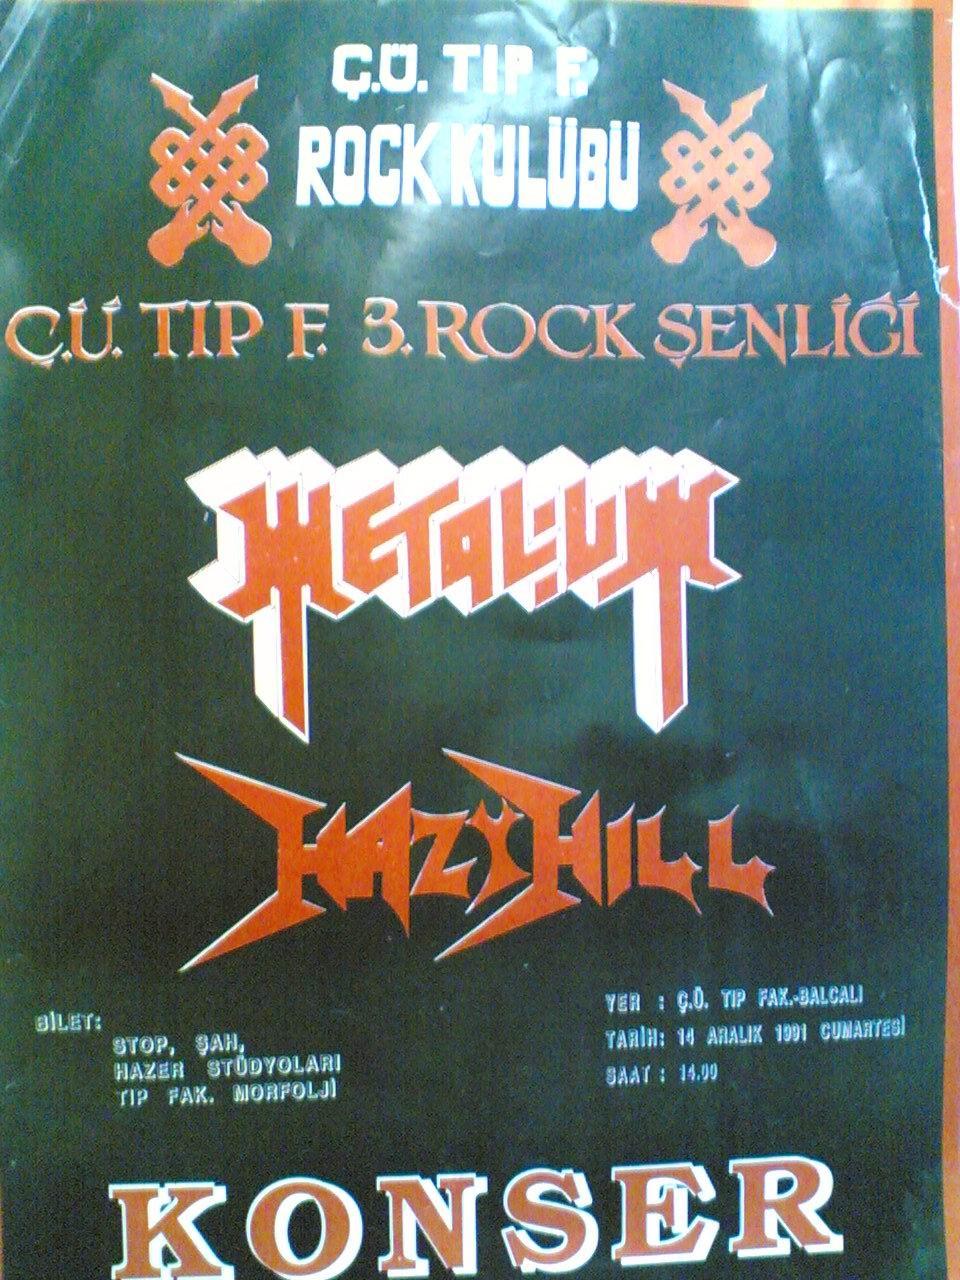 1991-12-14 Metalium, Hazy Hill